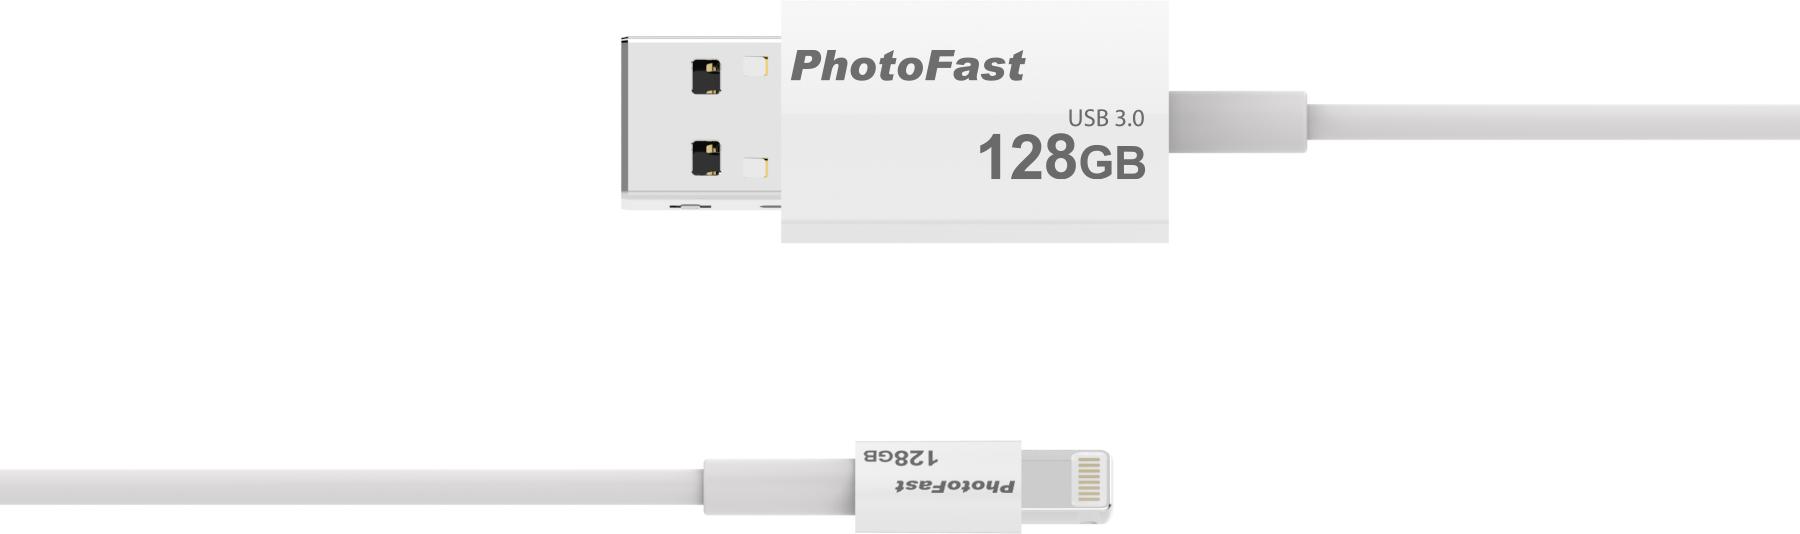 PhotoFast MemoriesCable 1M √═кабель с памятью для iOS